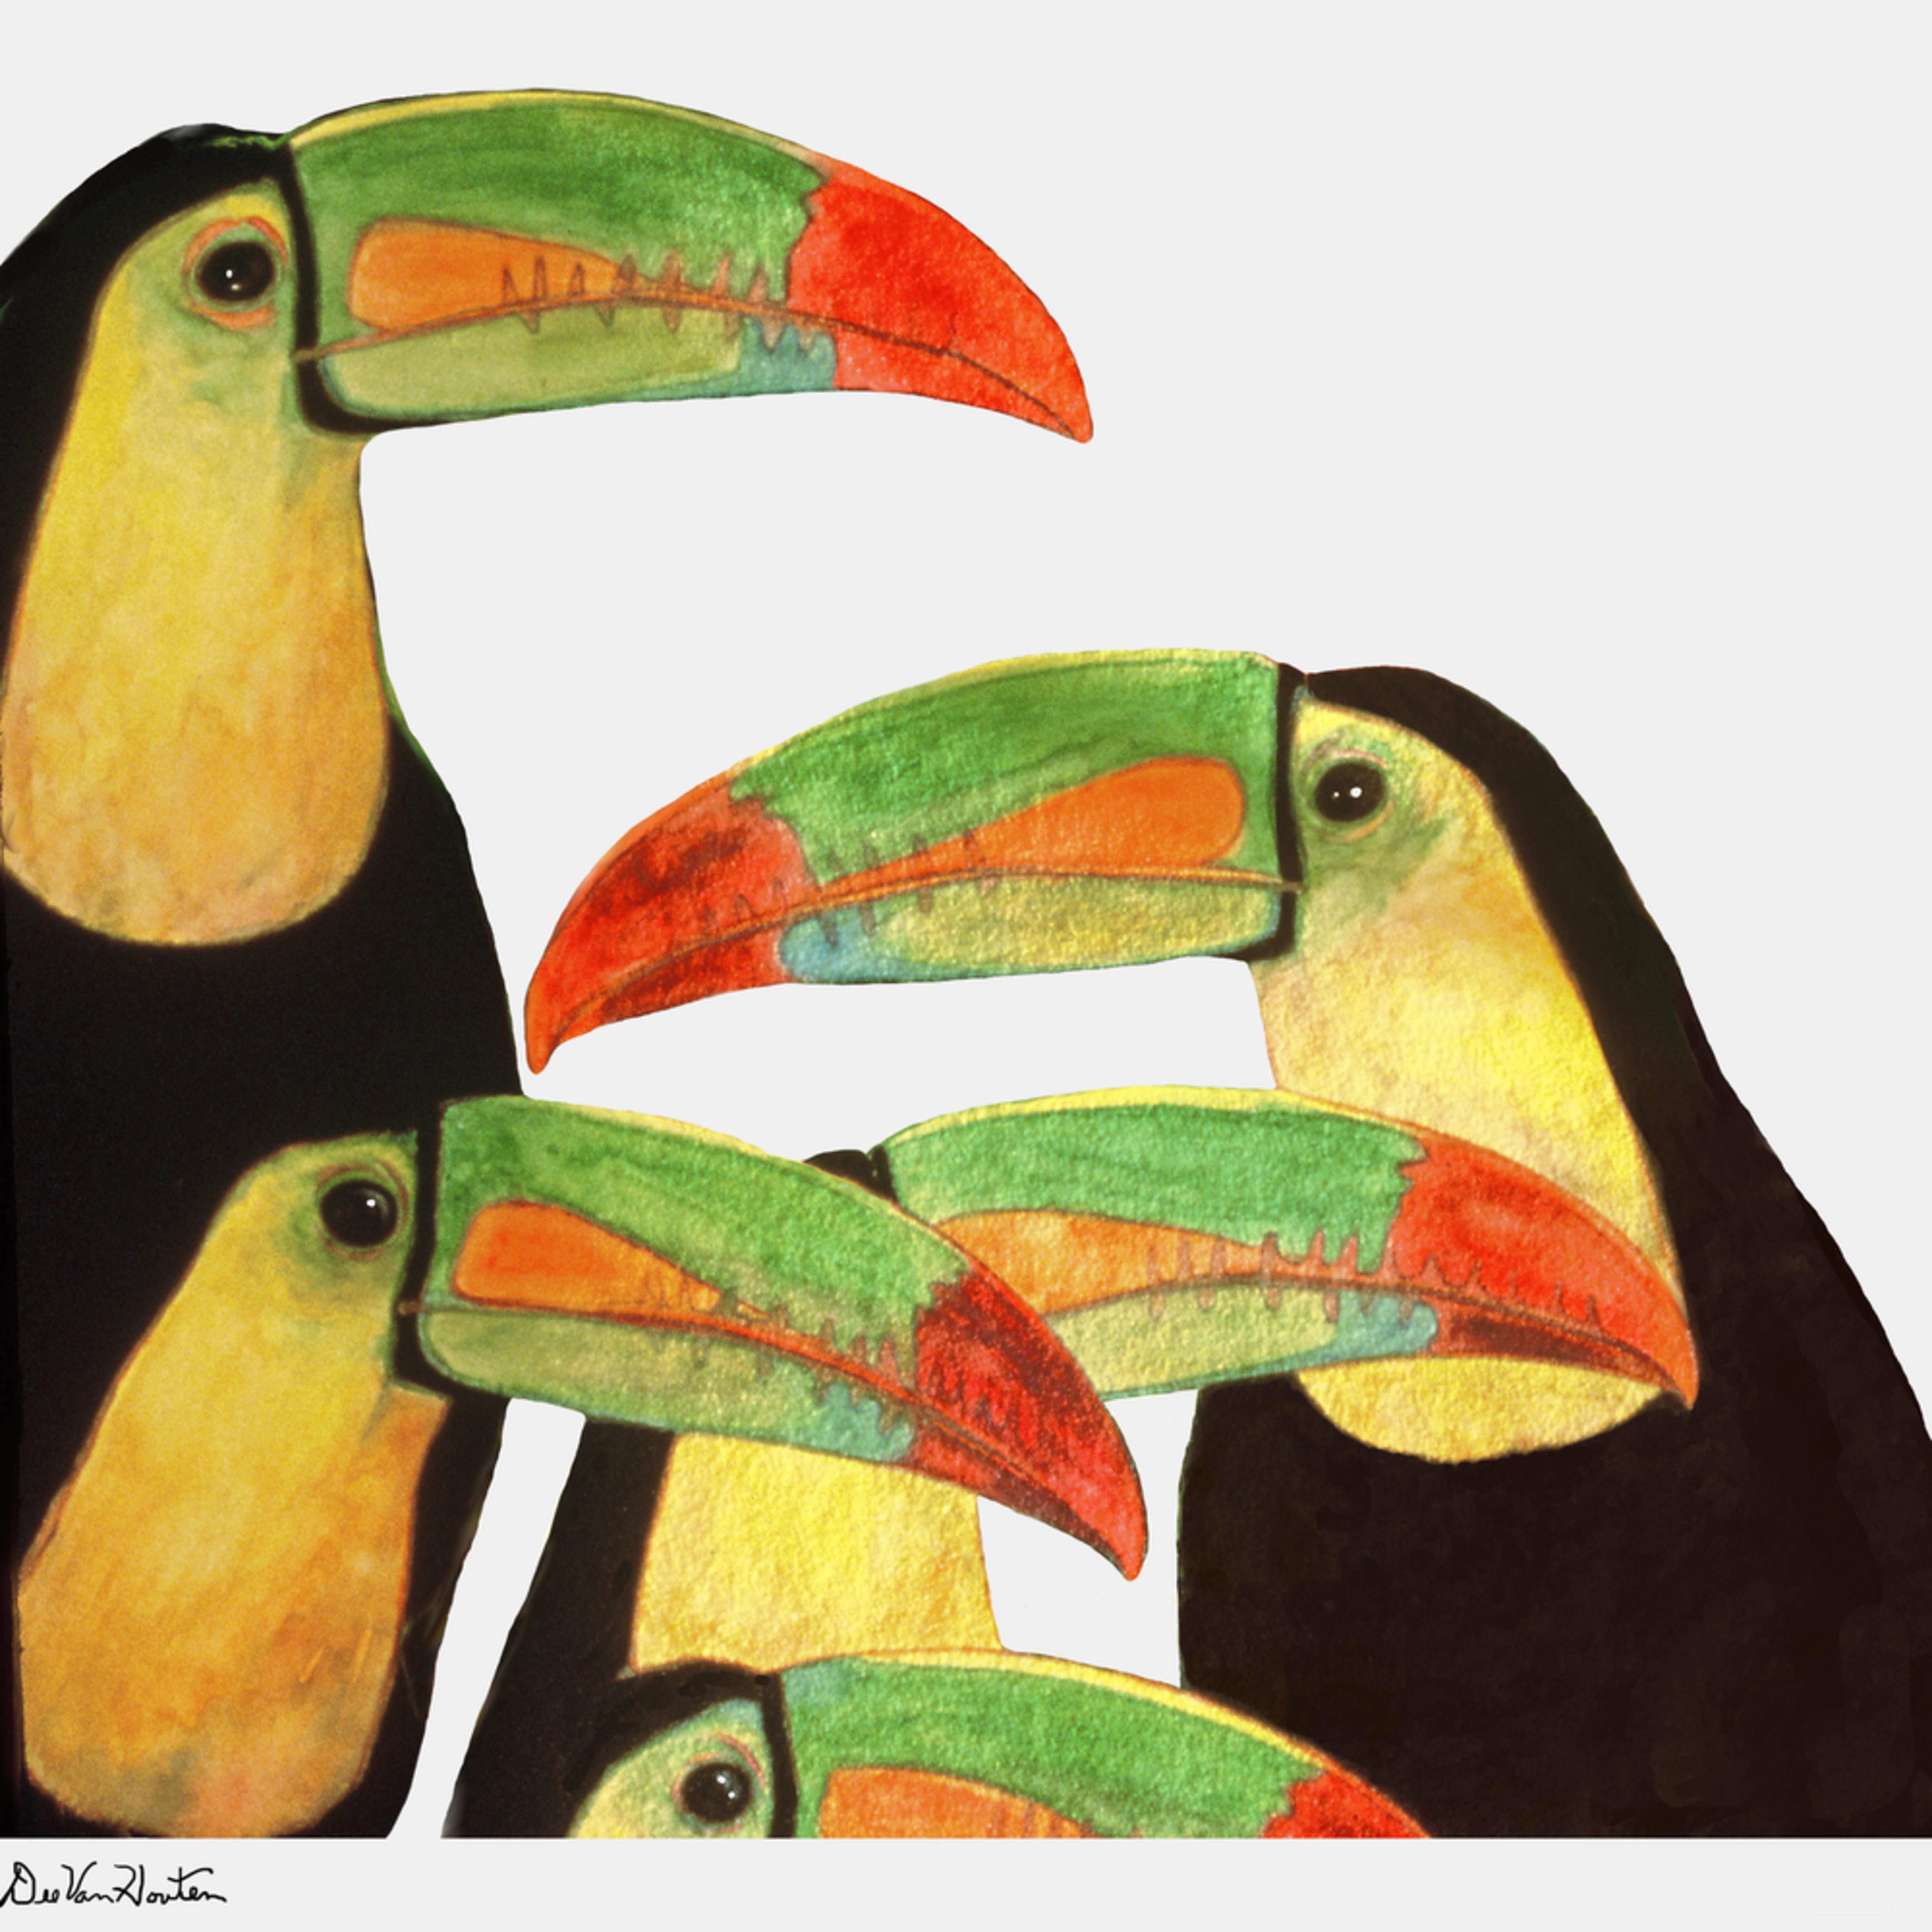 Dee van houten toucan rendezvous giclee 2020 odimzg